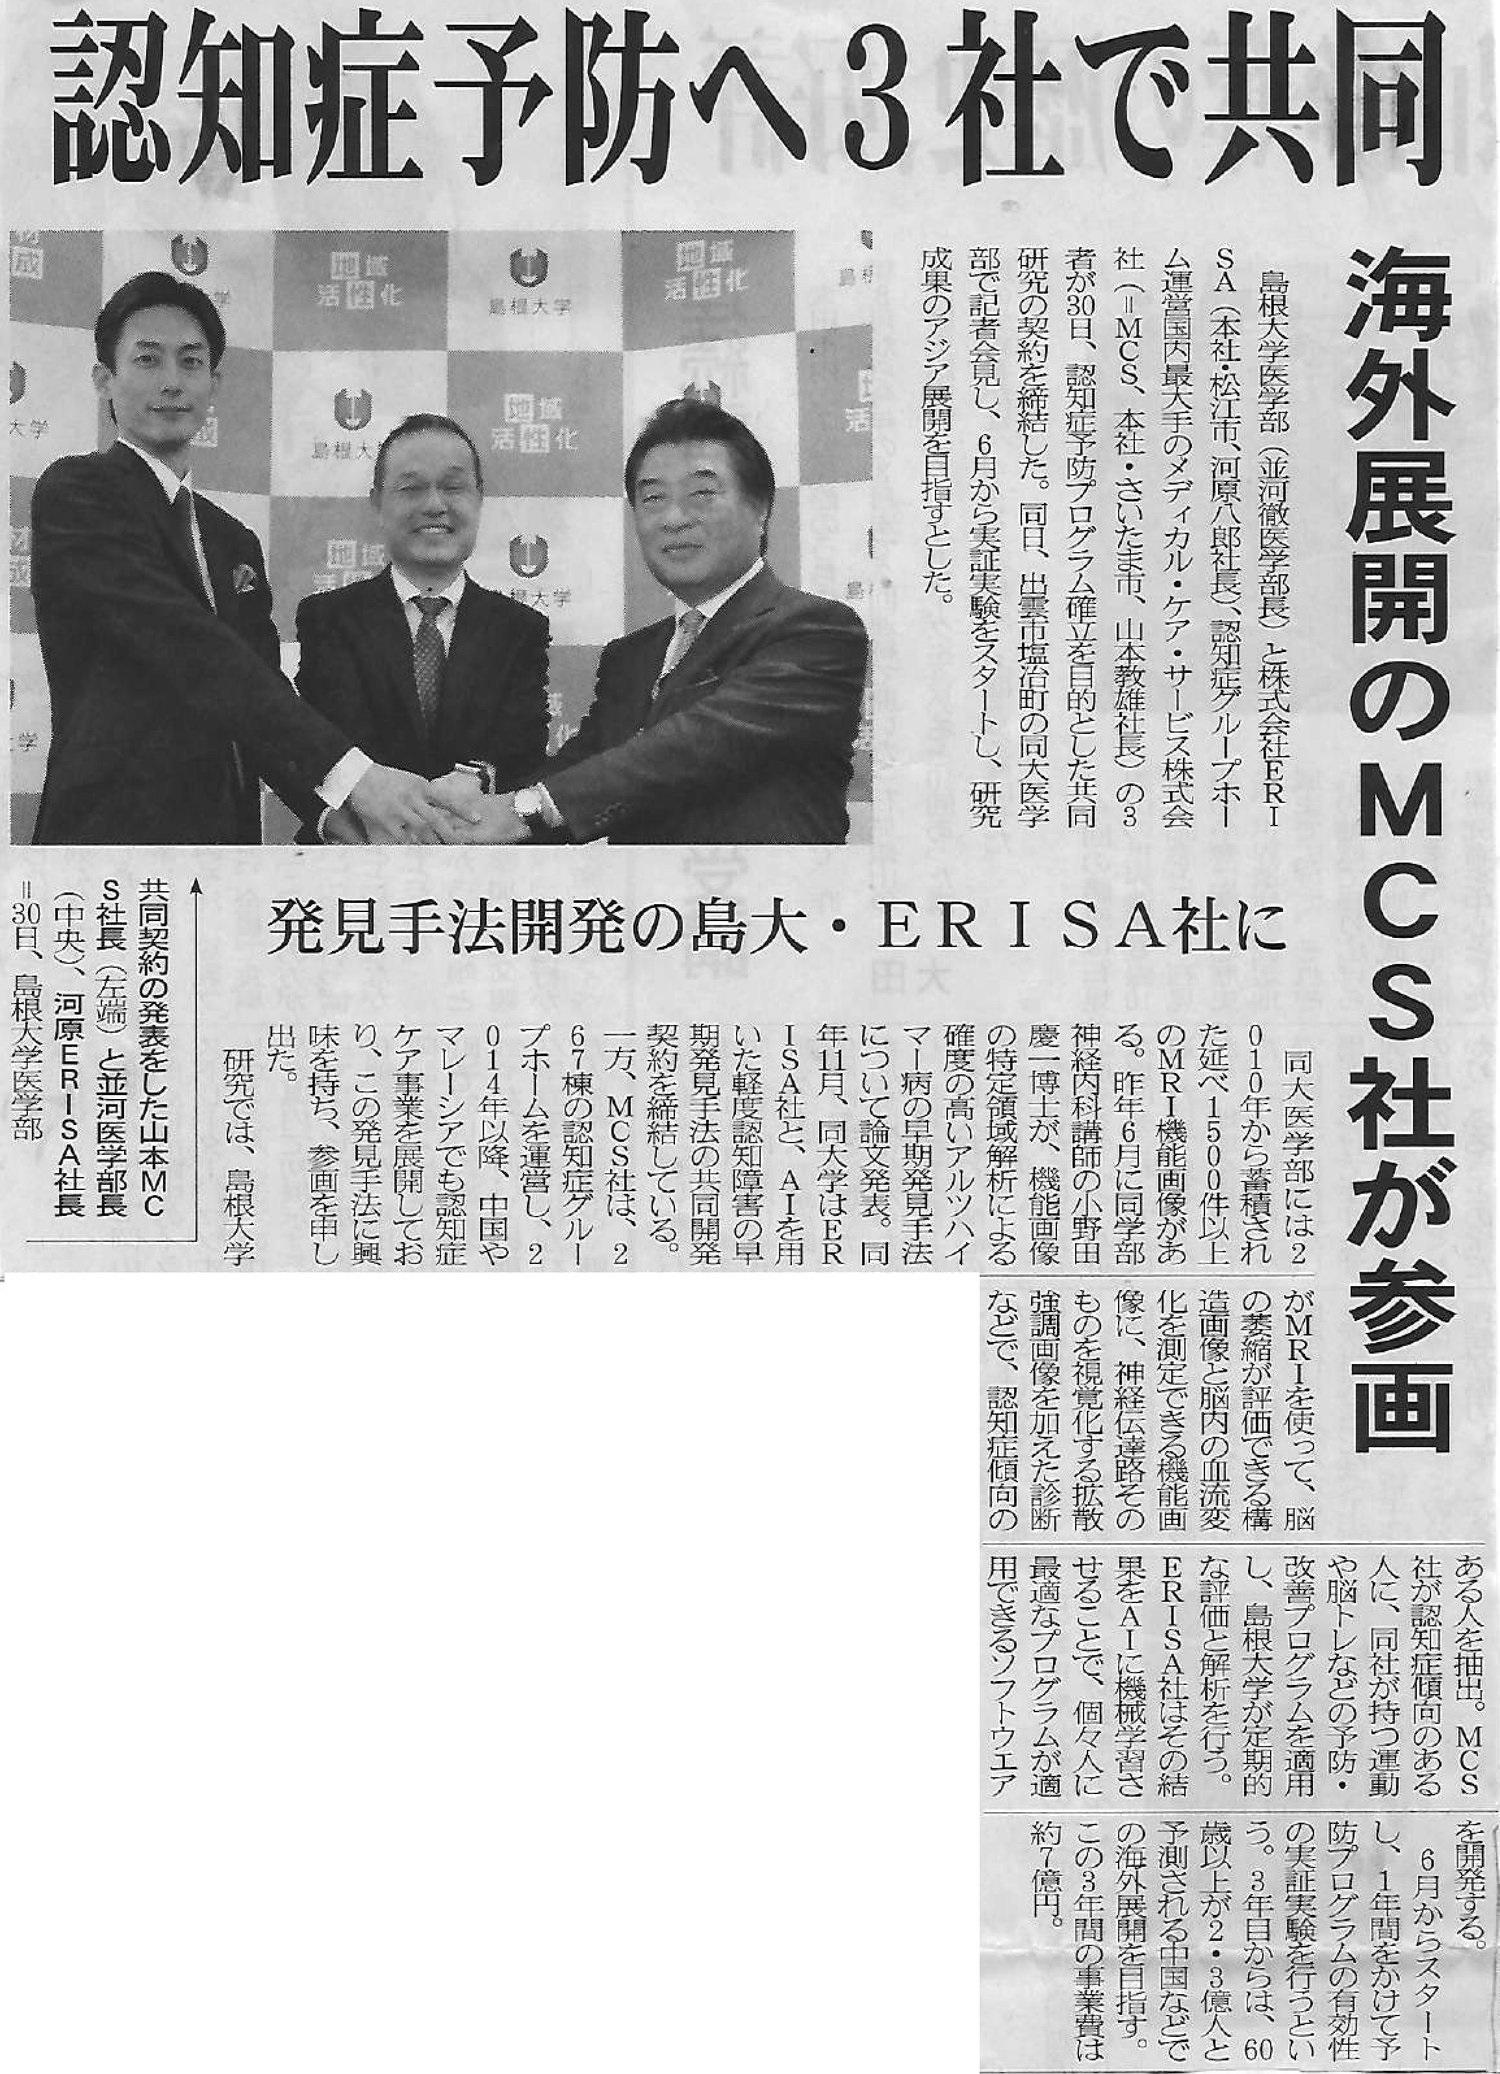 2018.3.31 島根日日新聞